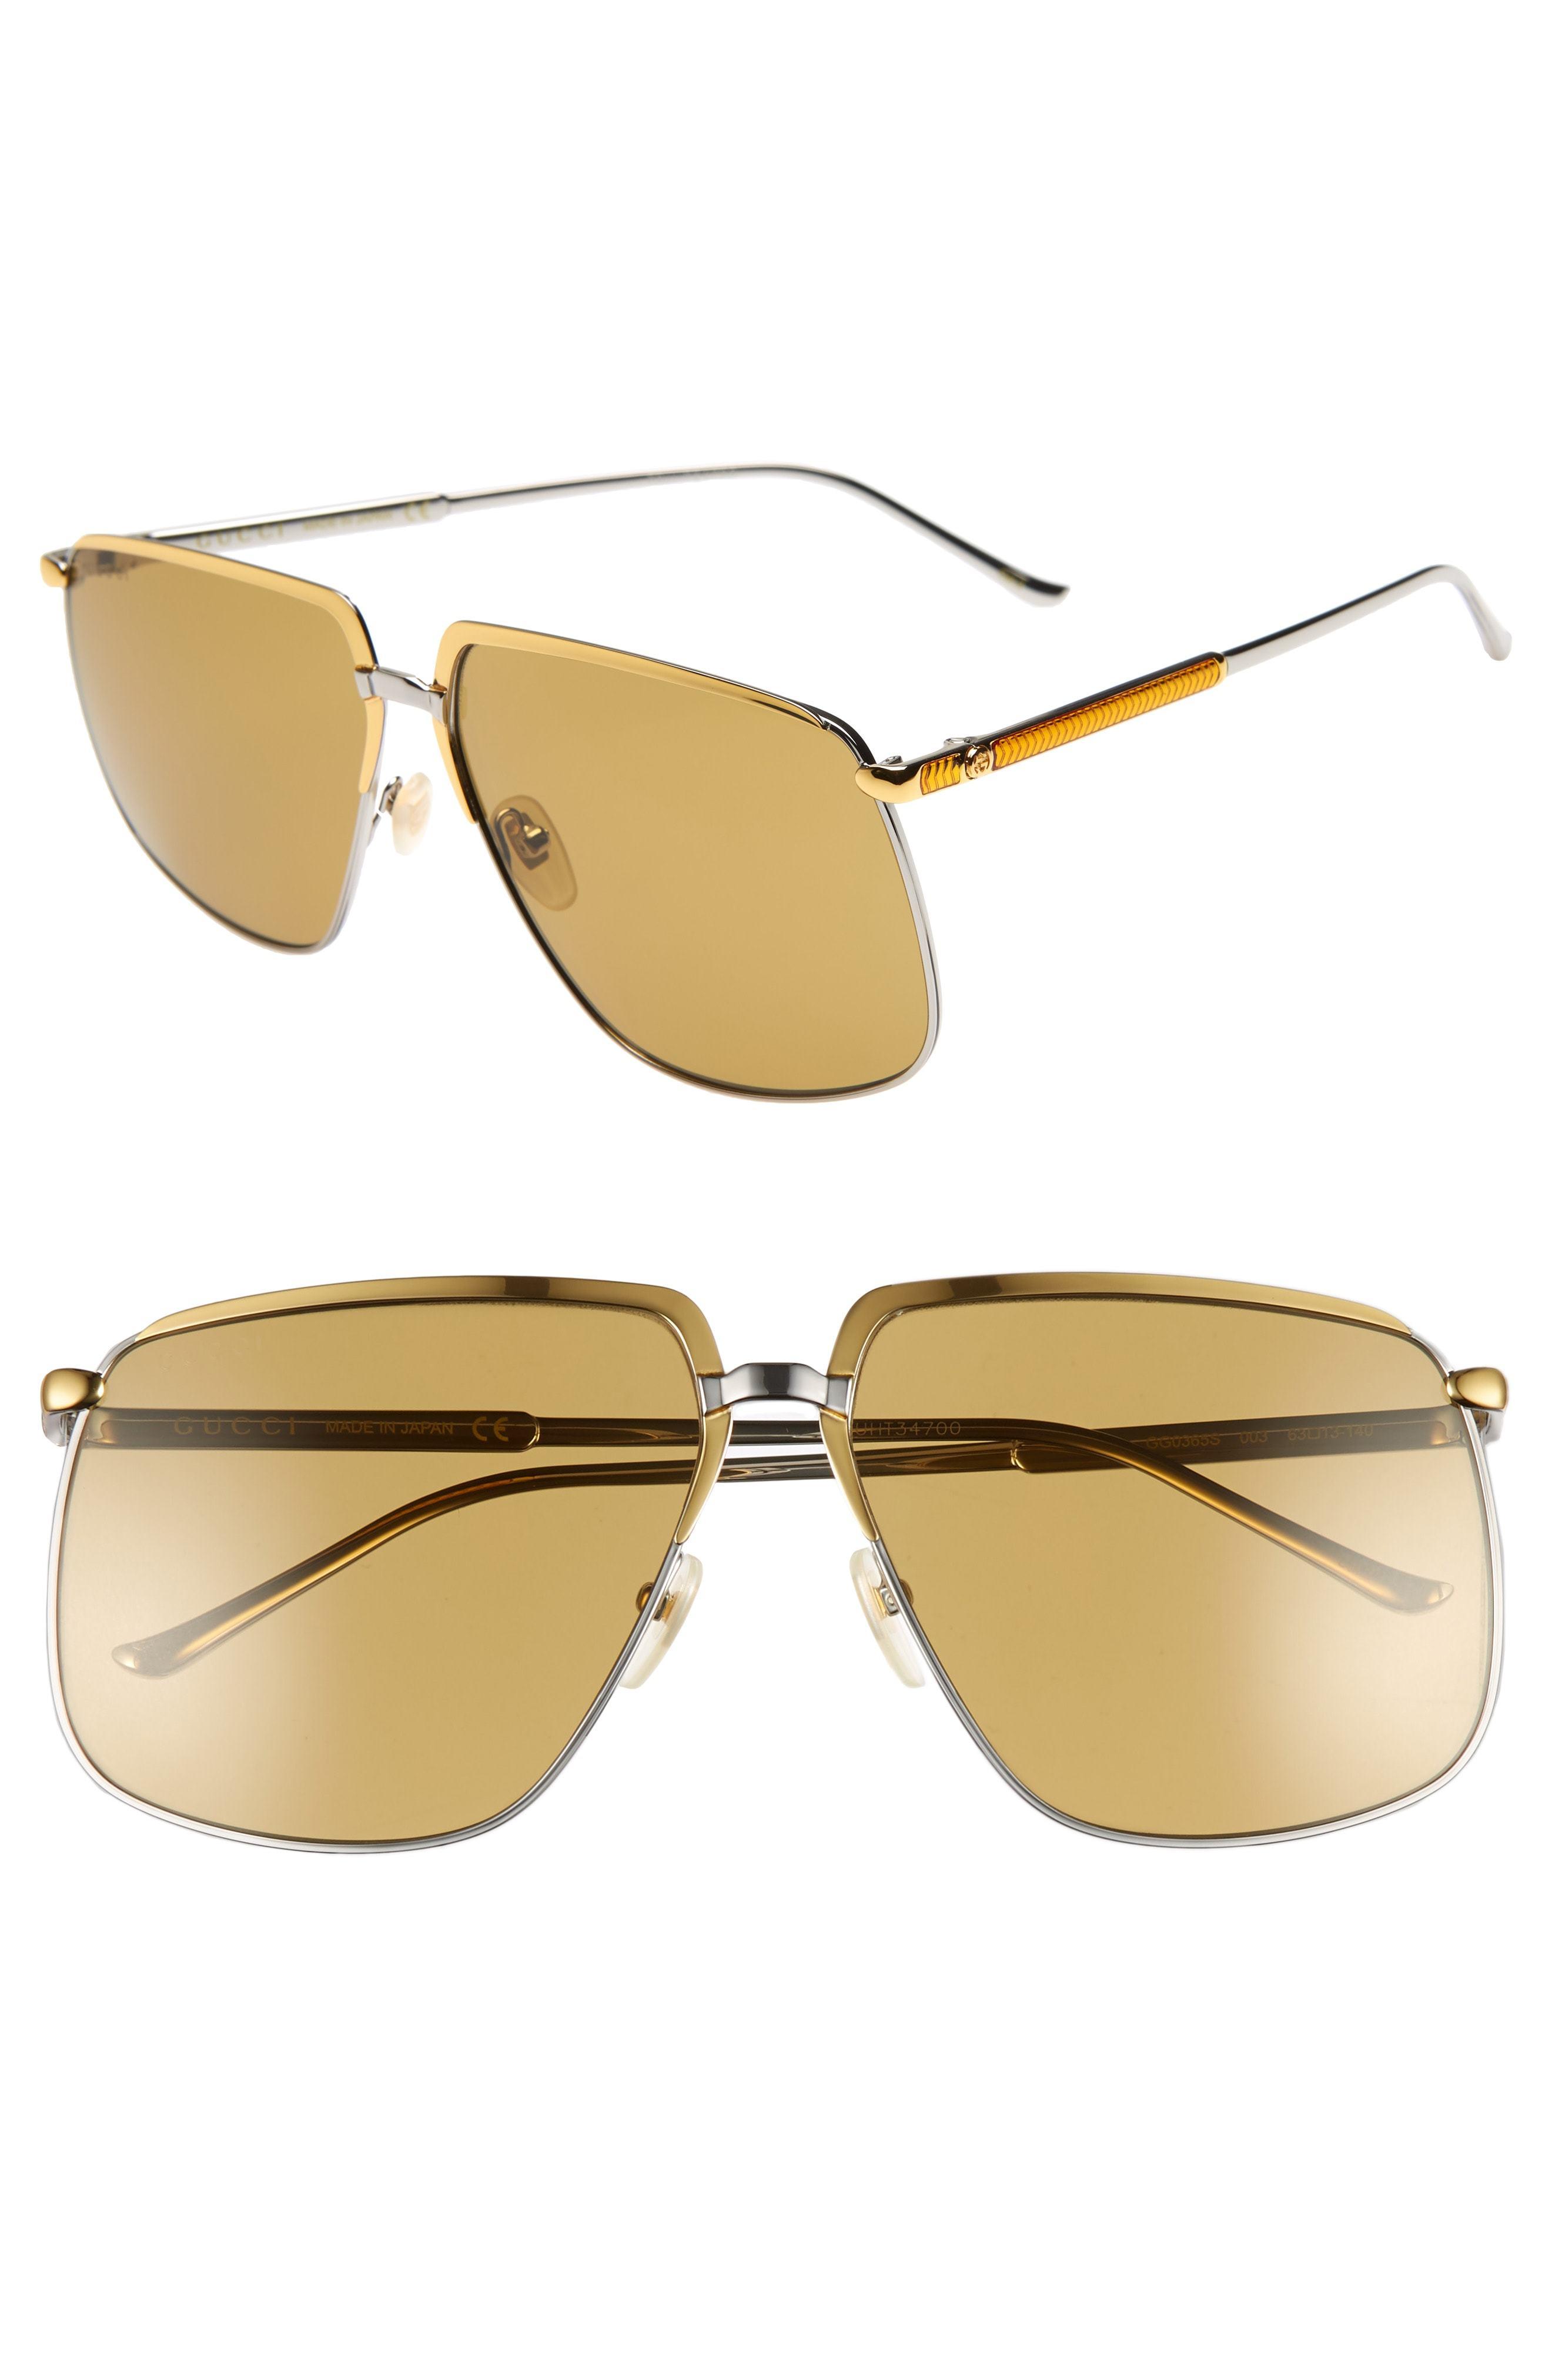 0324ad978fb ... Gucci 63mm Square Aviator Sunglasses